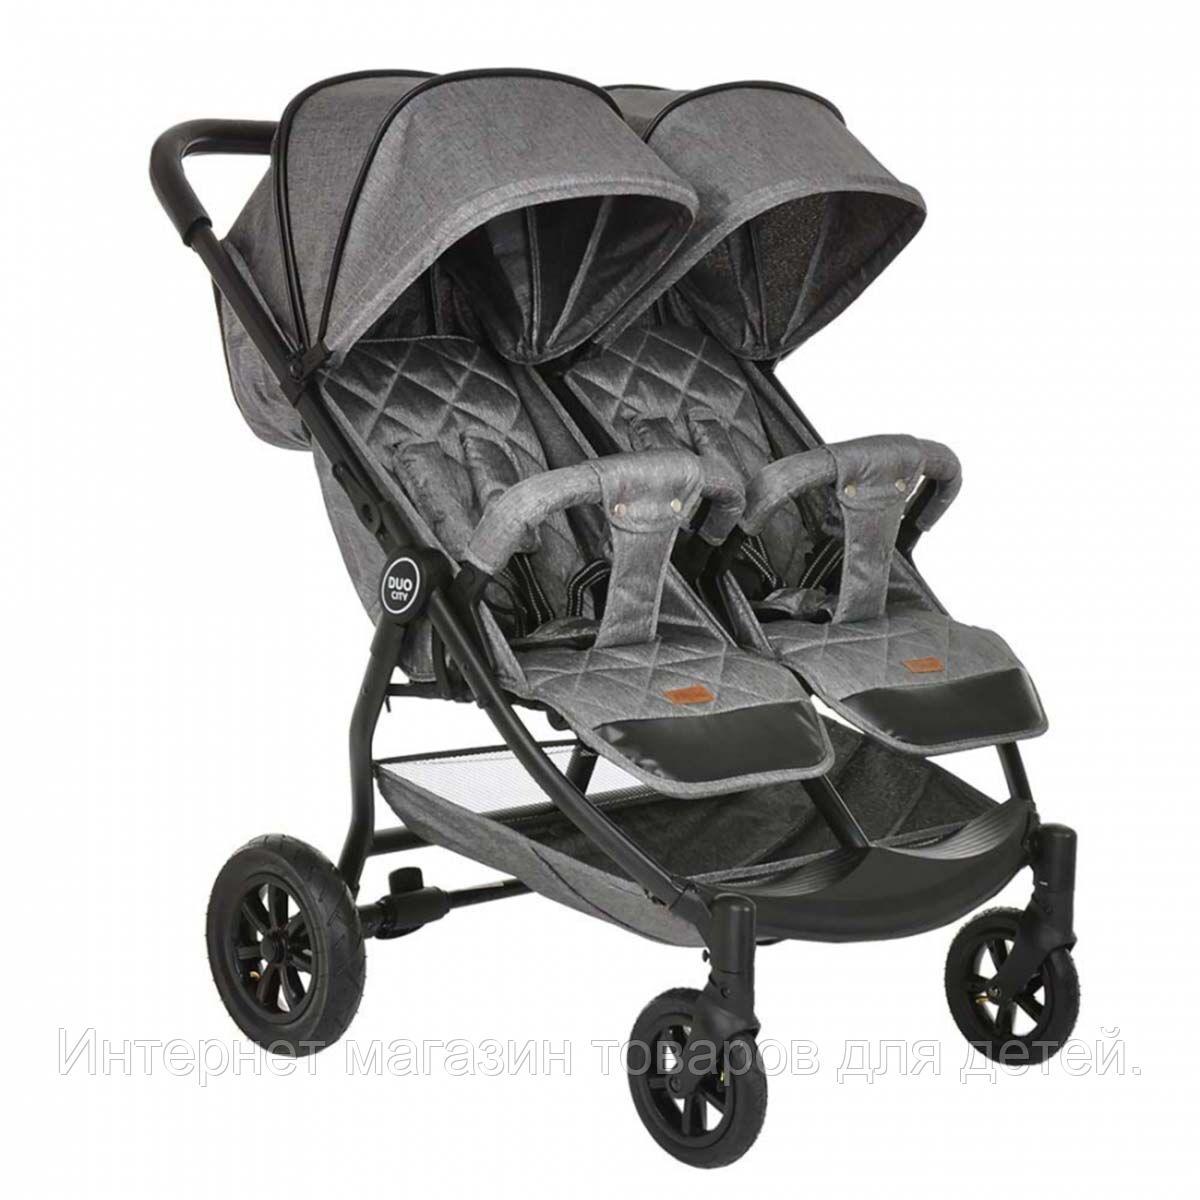 PITUSO Коляска детская DUOCITY для двойни (прогулочная), Grey Metallic/Серый металлик/чехол на ножки